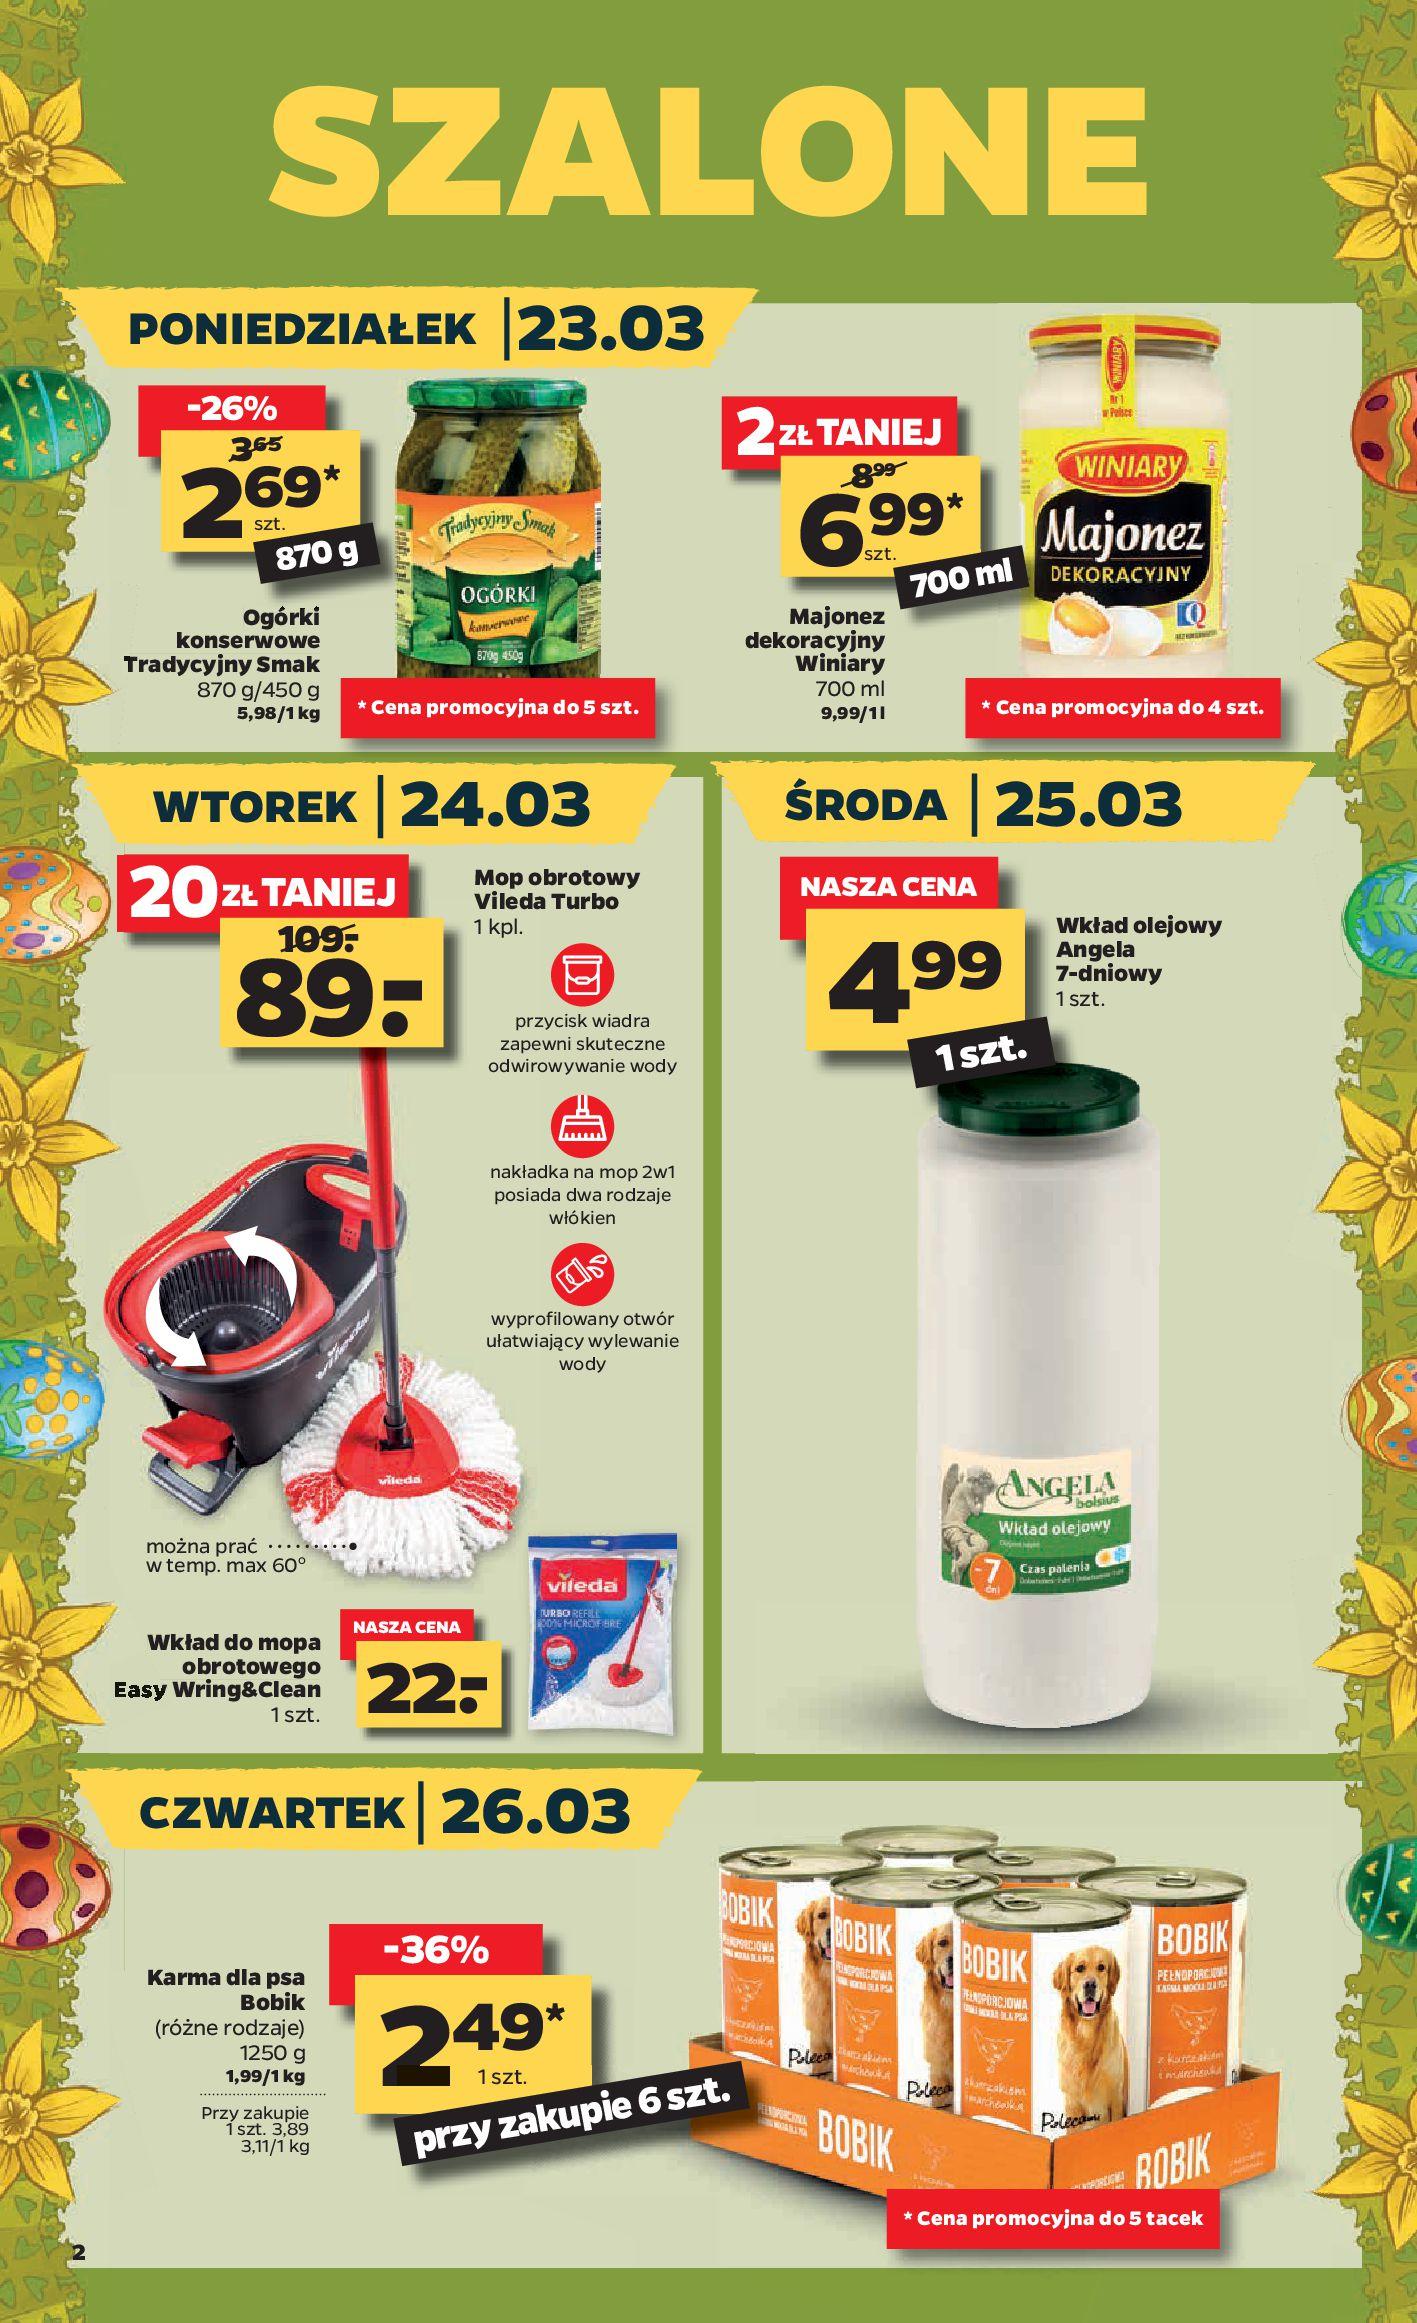 Gazetka Netto - Oferta spożywcza-22.03.2020-28.03.2020-page-2